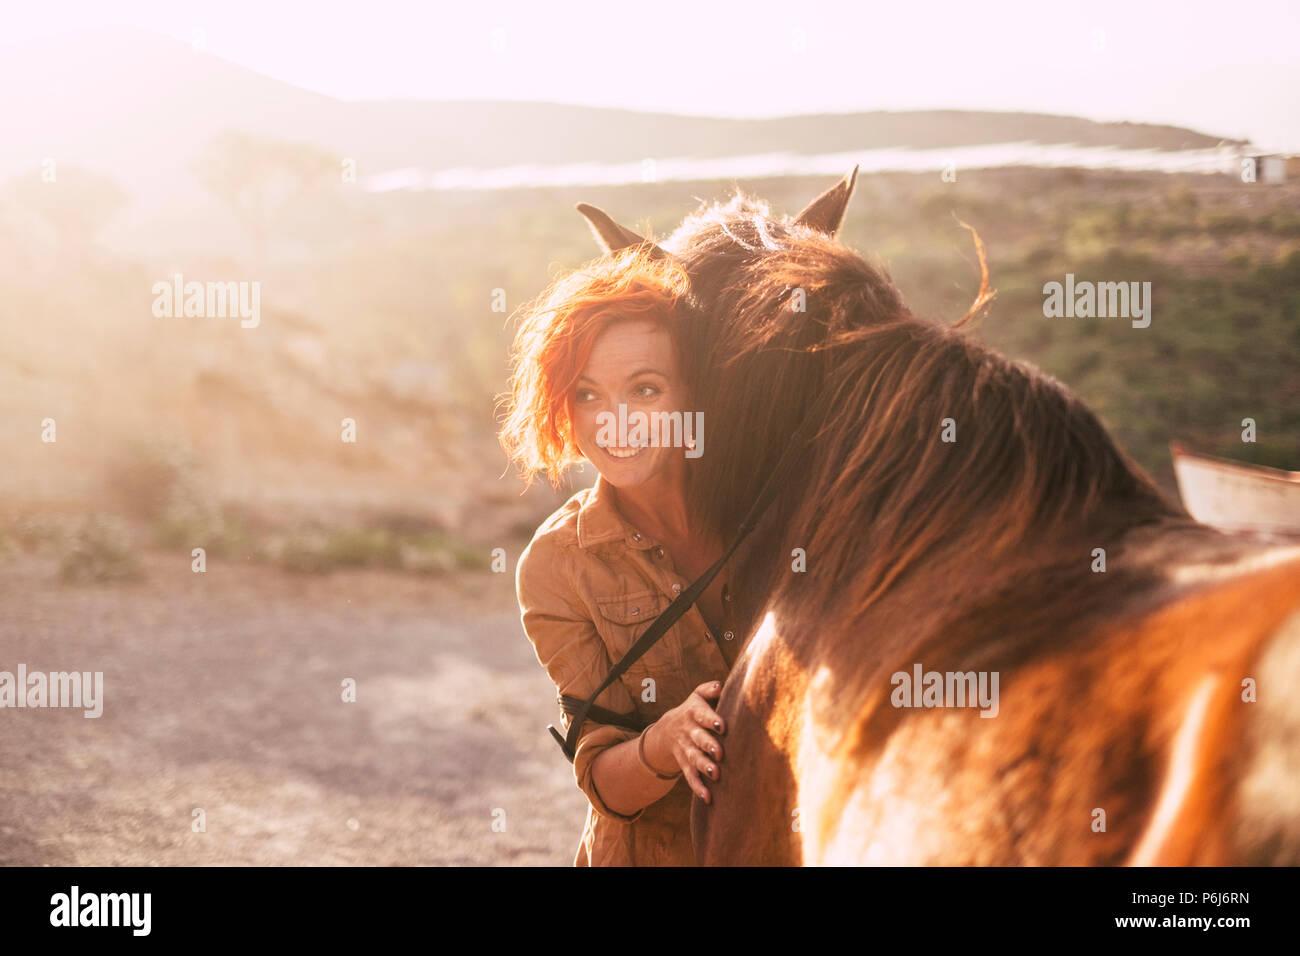 Cabello rojo hermosa dama alternativa abrazar a sus mejores amigos caballo animal durante la puesta de sol en el lado del país. retroiluminación en antecedentes y concepto de amor, Imagen De Stock